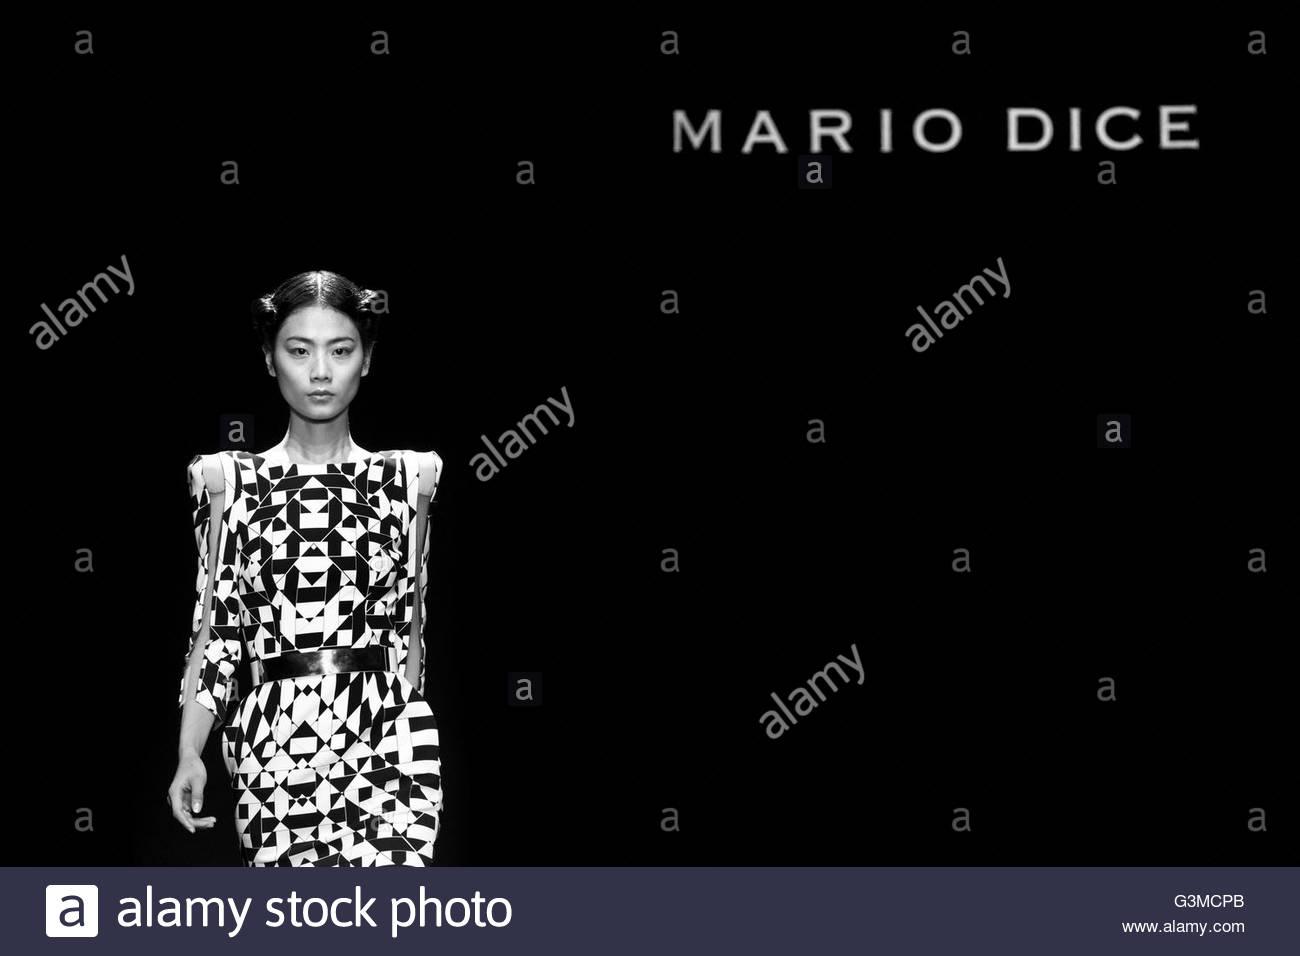 Milan,Fashion week,Mario Dice Stock Photo